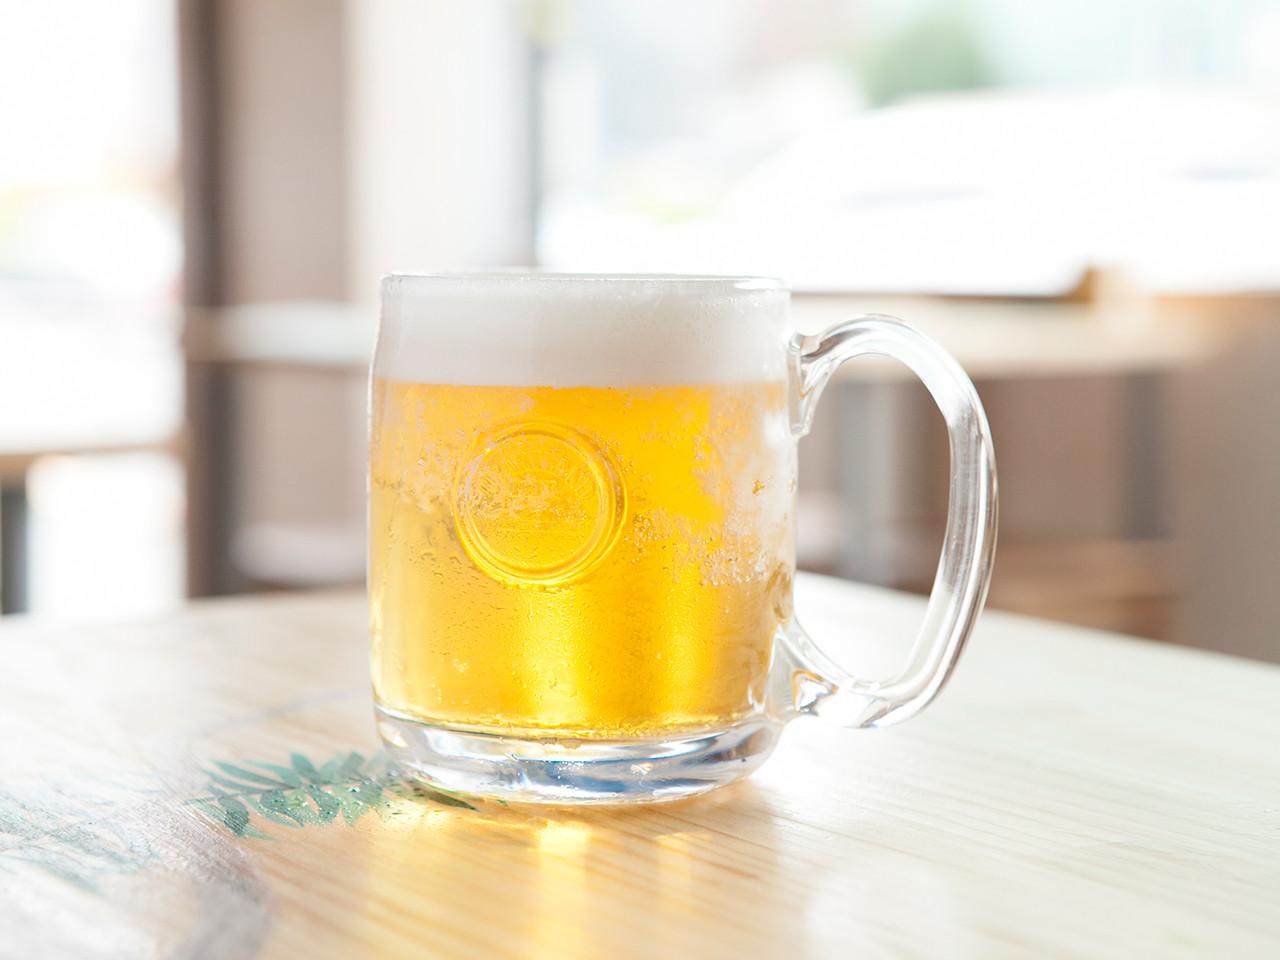 Heartland Draft beer